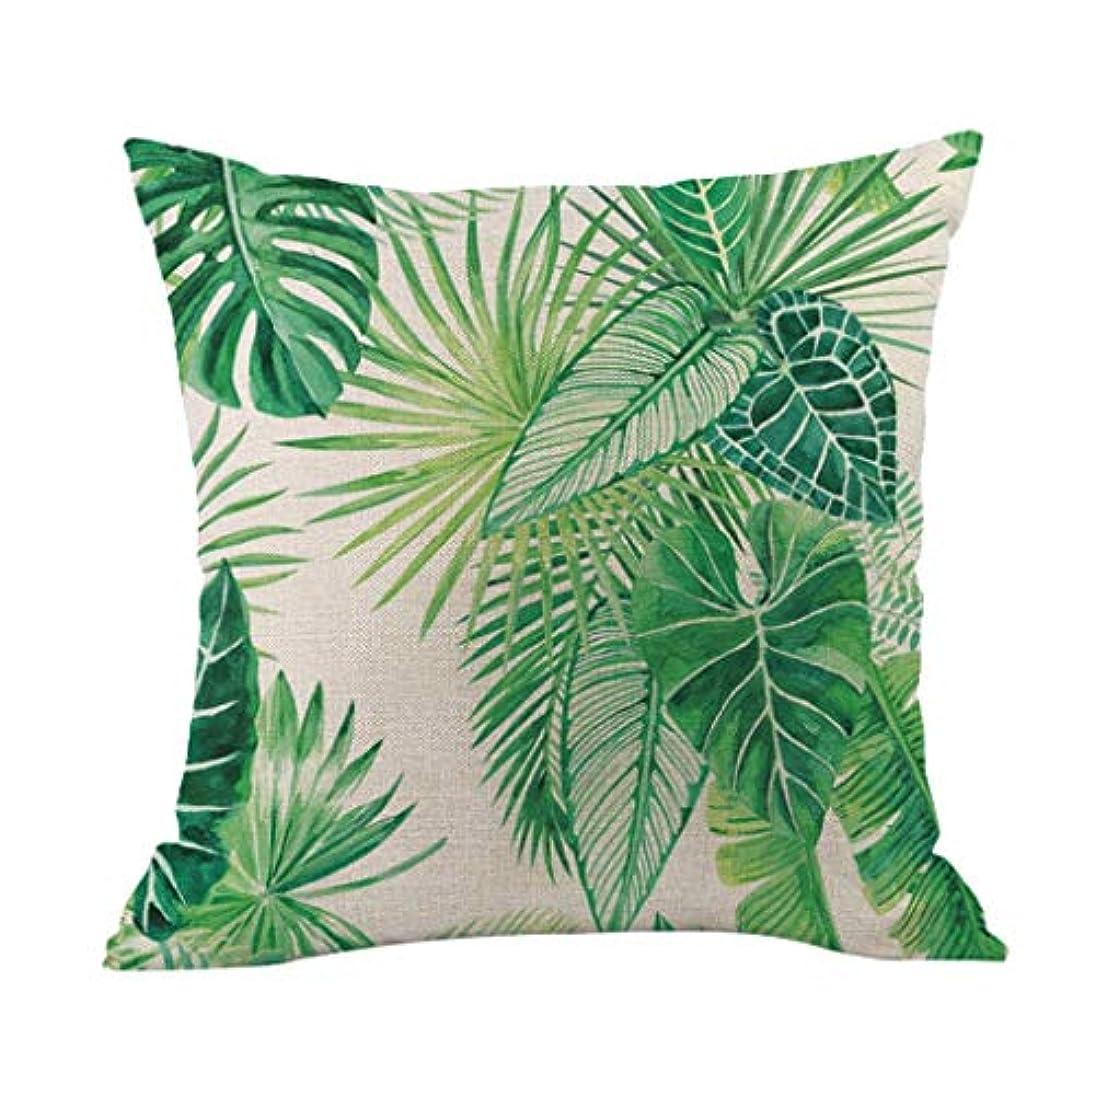 震え満足できる根拠LIFE 高品質クッション熱帯植物ポリエステル枕ソファ投げるパッドセットホーム人格クッション coussin decoratif クッション 椅子